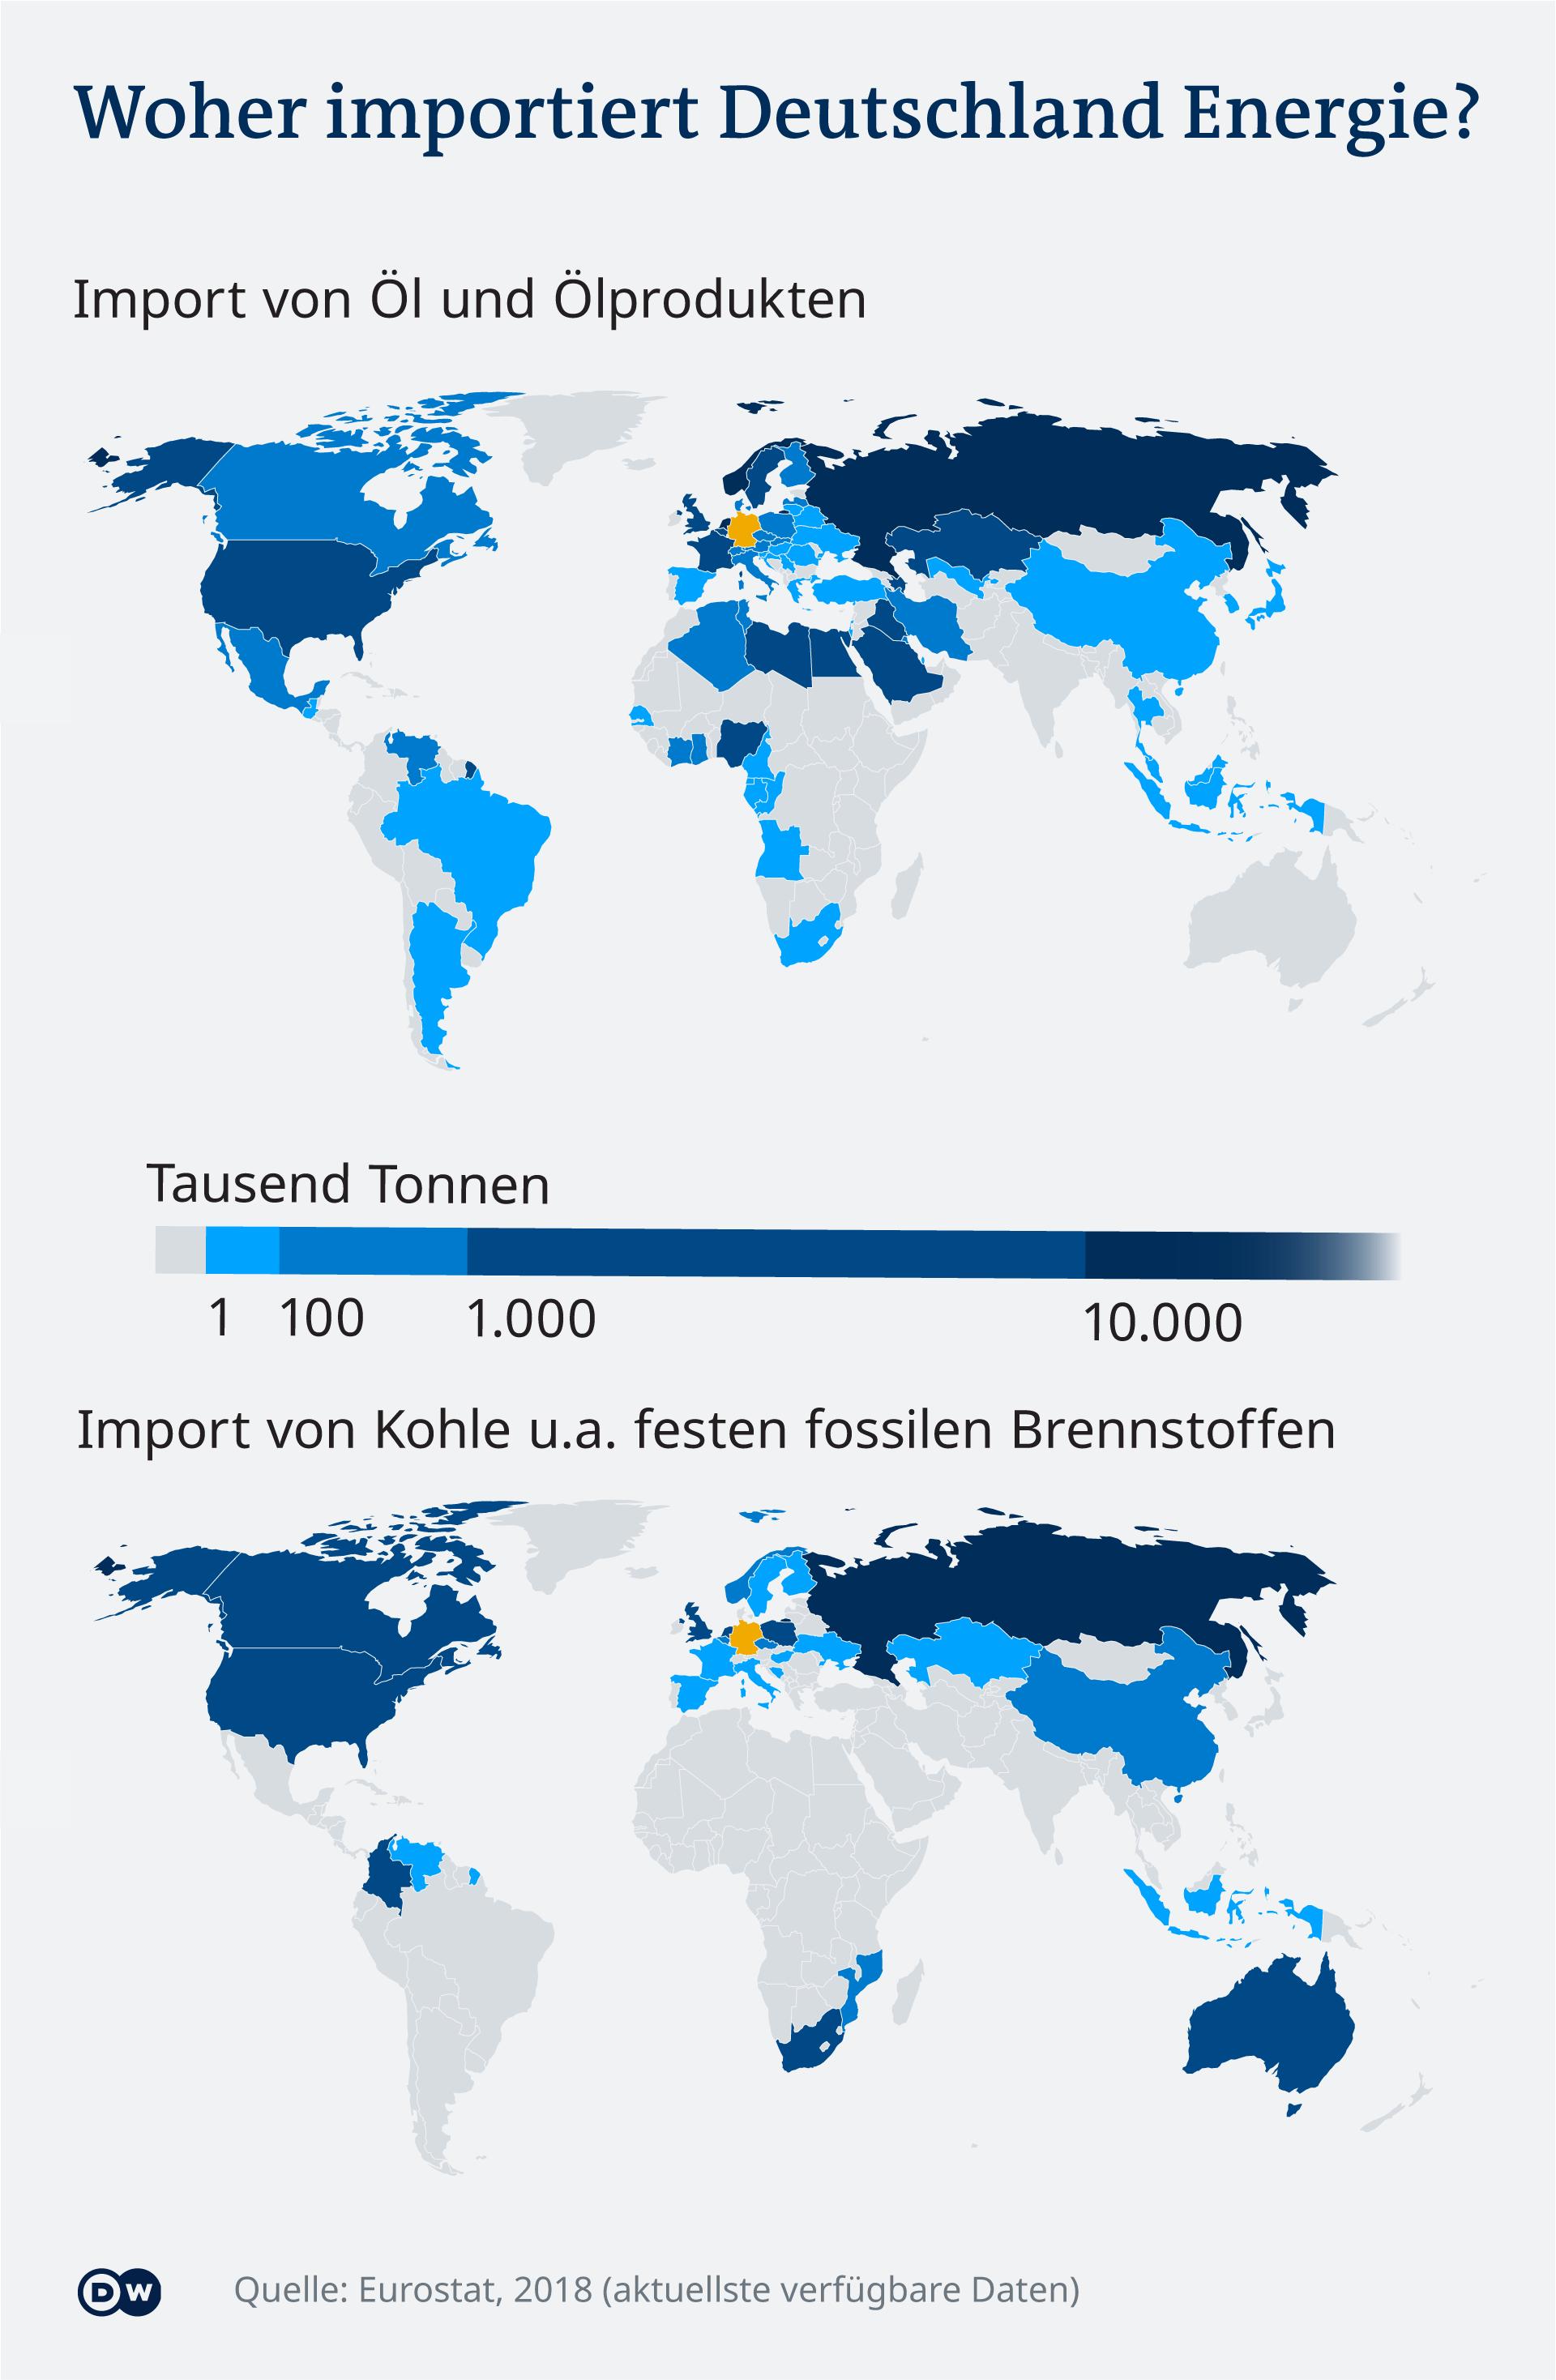 Niemcy opierają swoją energię głównie na imporcie